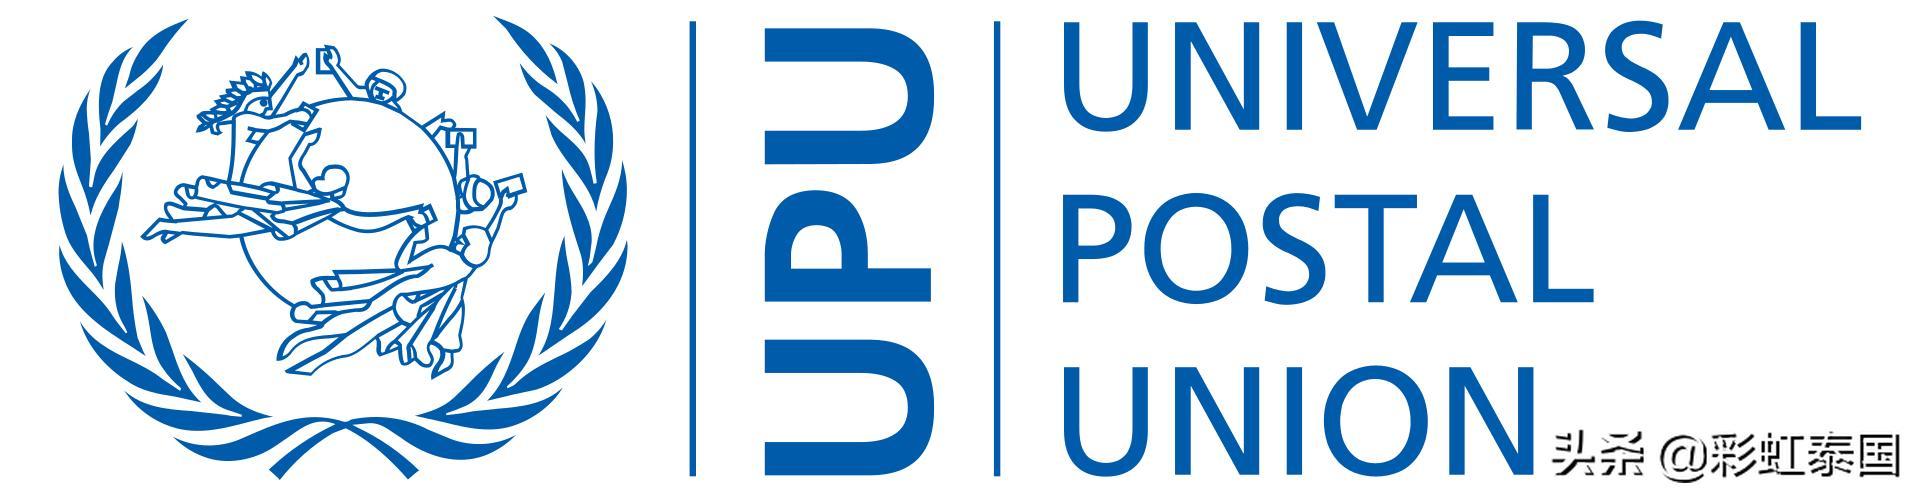 徽章名称:联合国及十七个专业组织标志大全